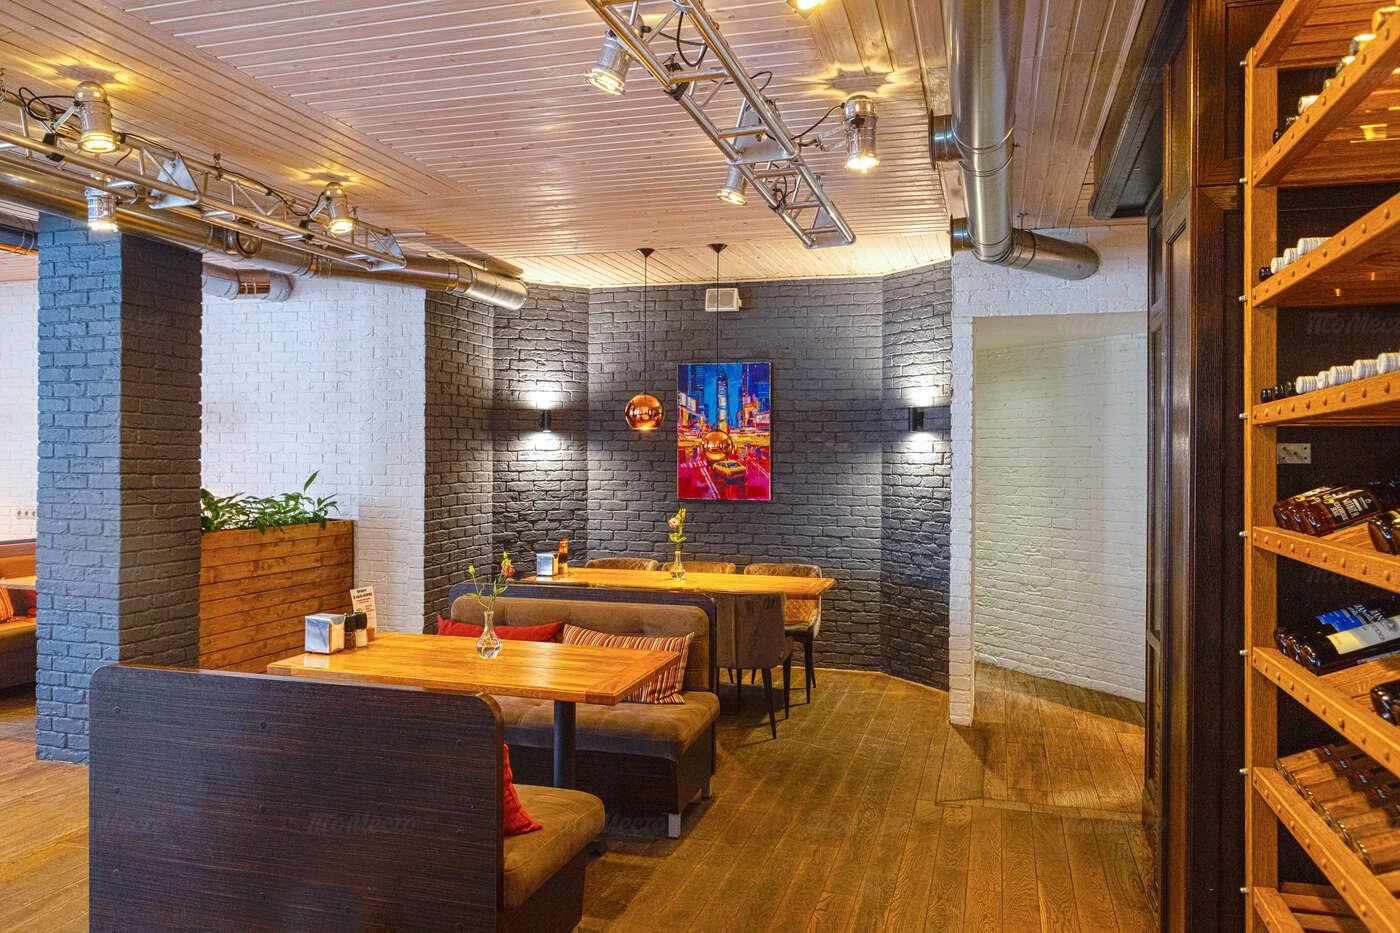 Банкеты ресторана Нью-Йорк пицца и гриль на Суворовской улице фото 11